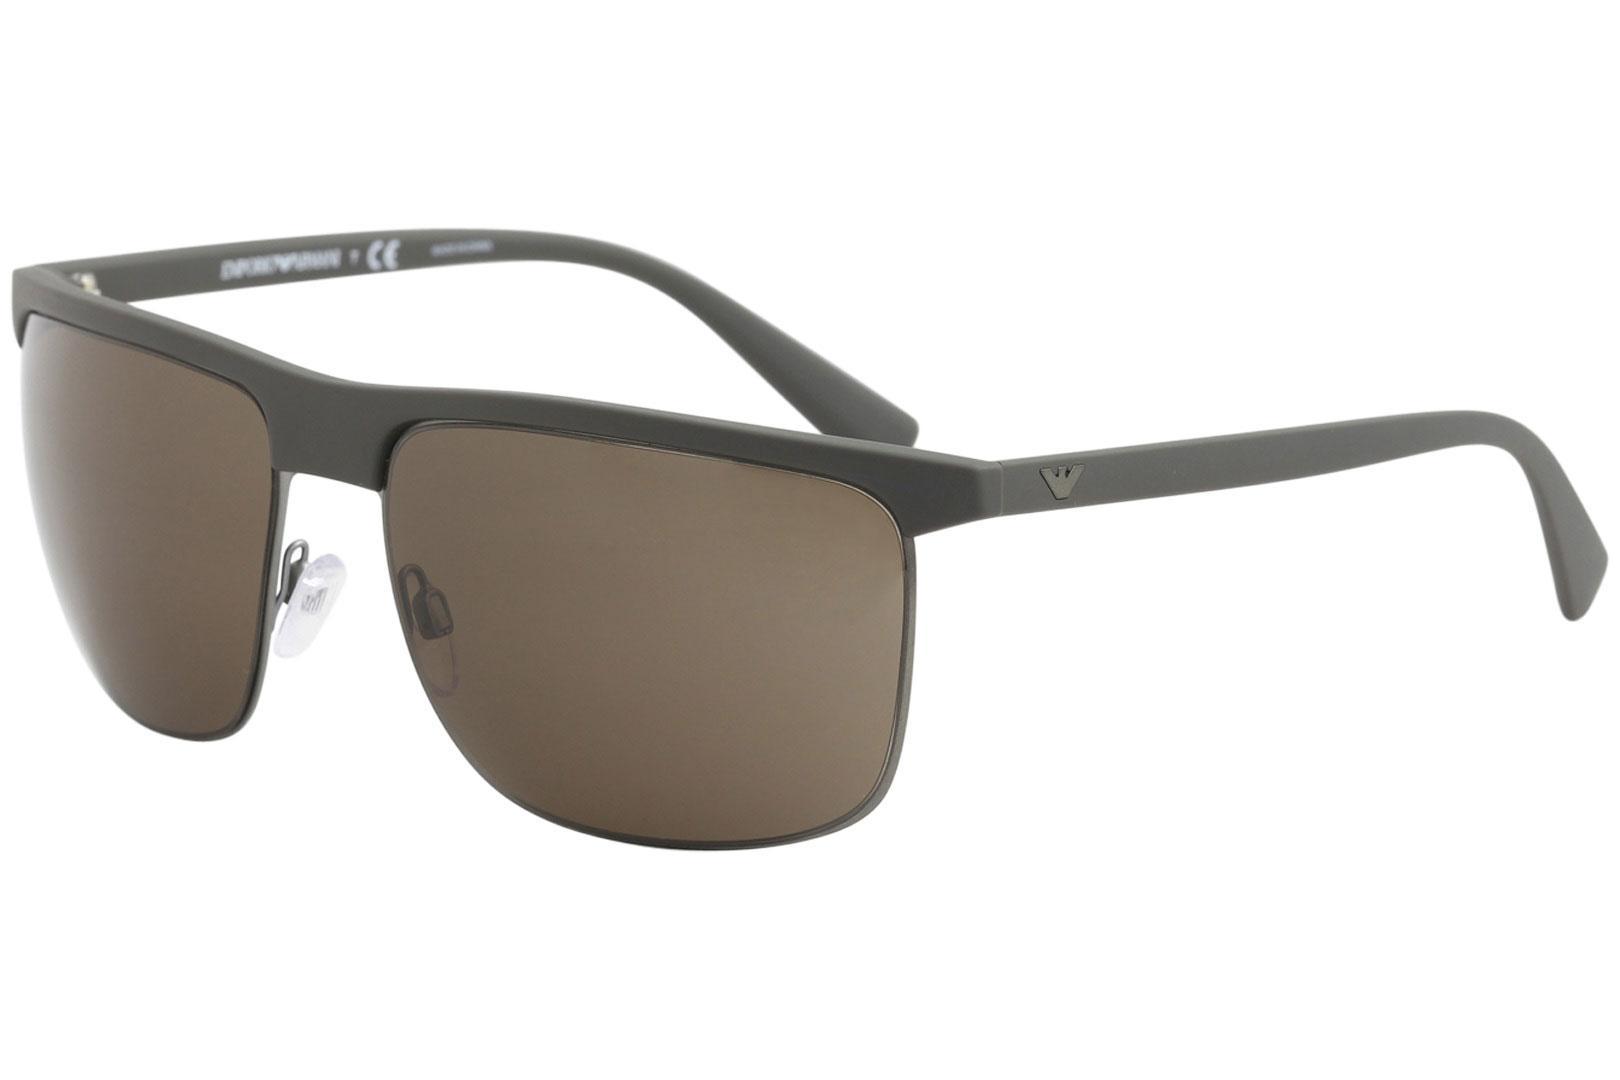 1066e48340b9 Emporio Armani Men s EA4108 EA 4108 Fashion Square Sunglasses